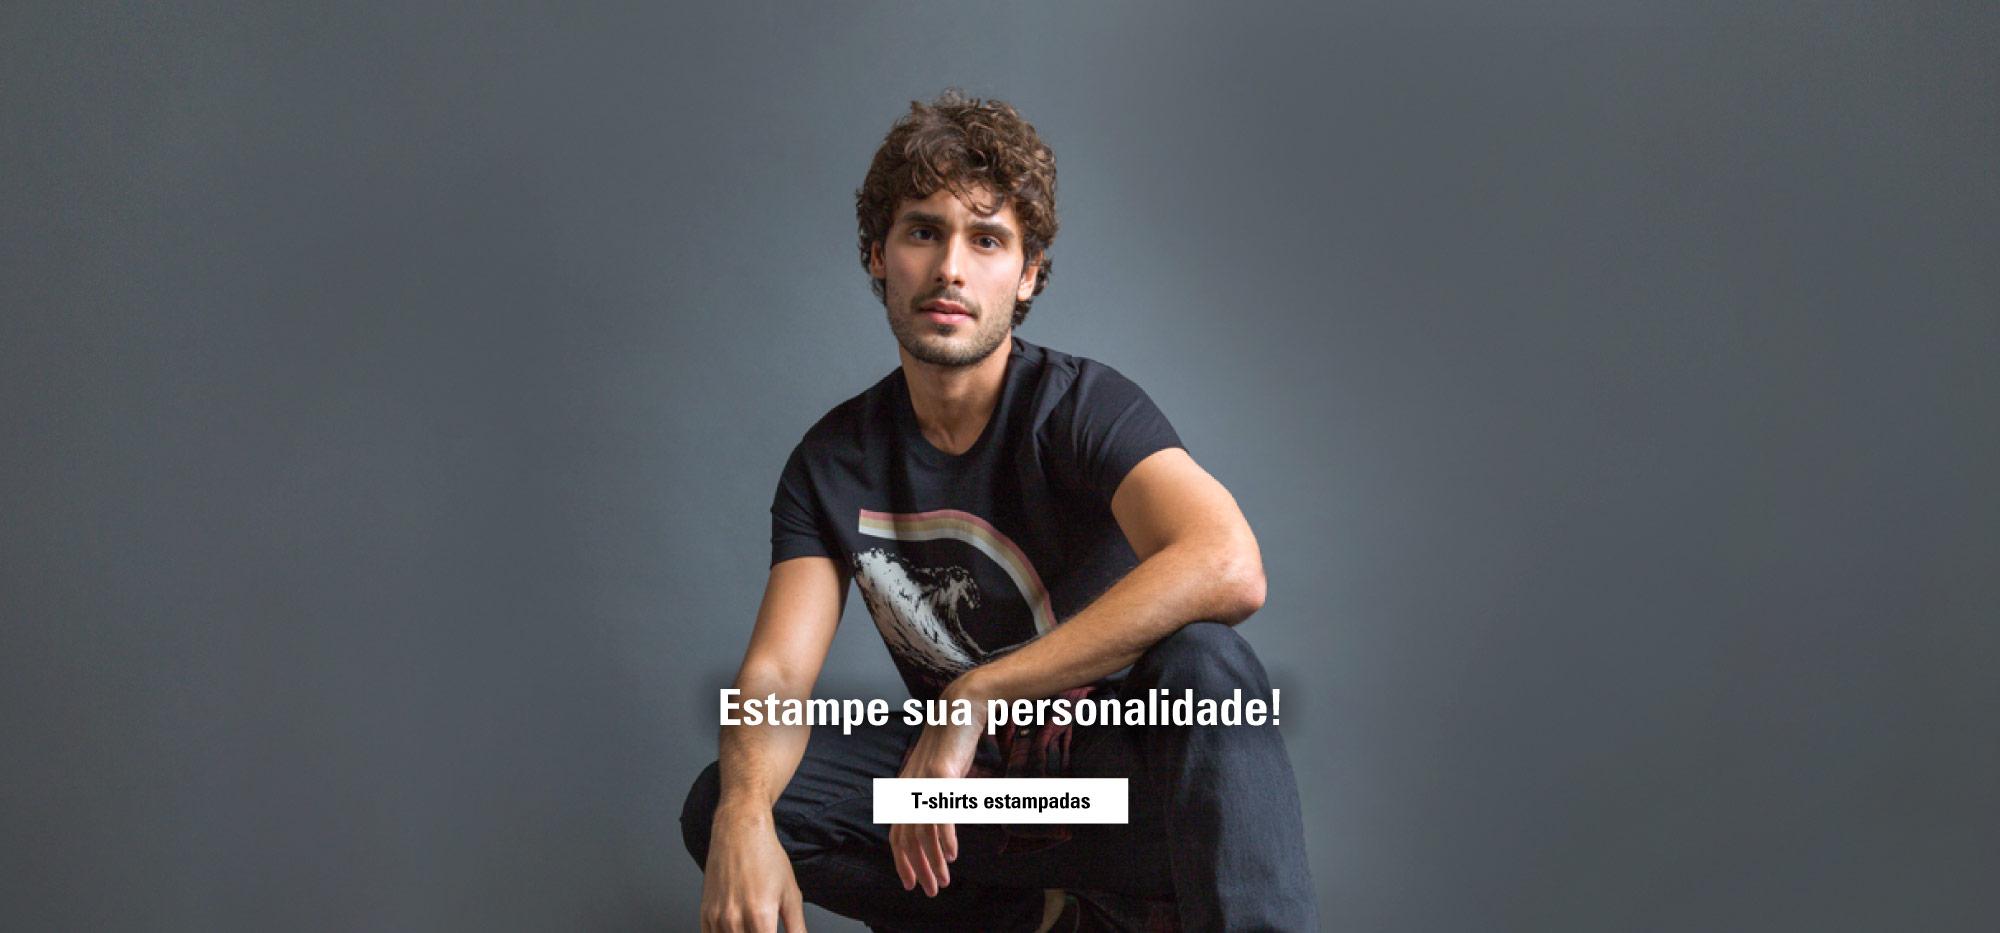 ESTAMPADA - CLARO